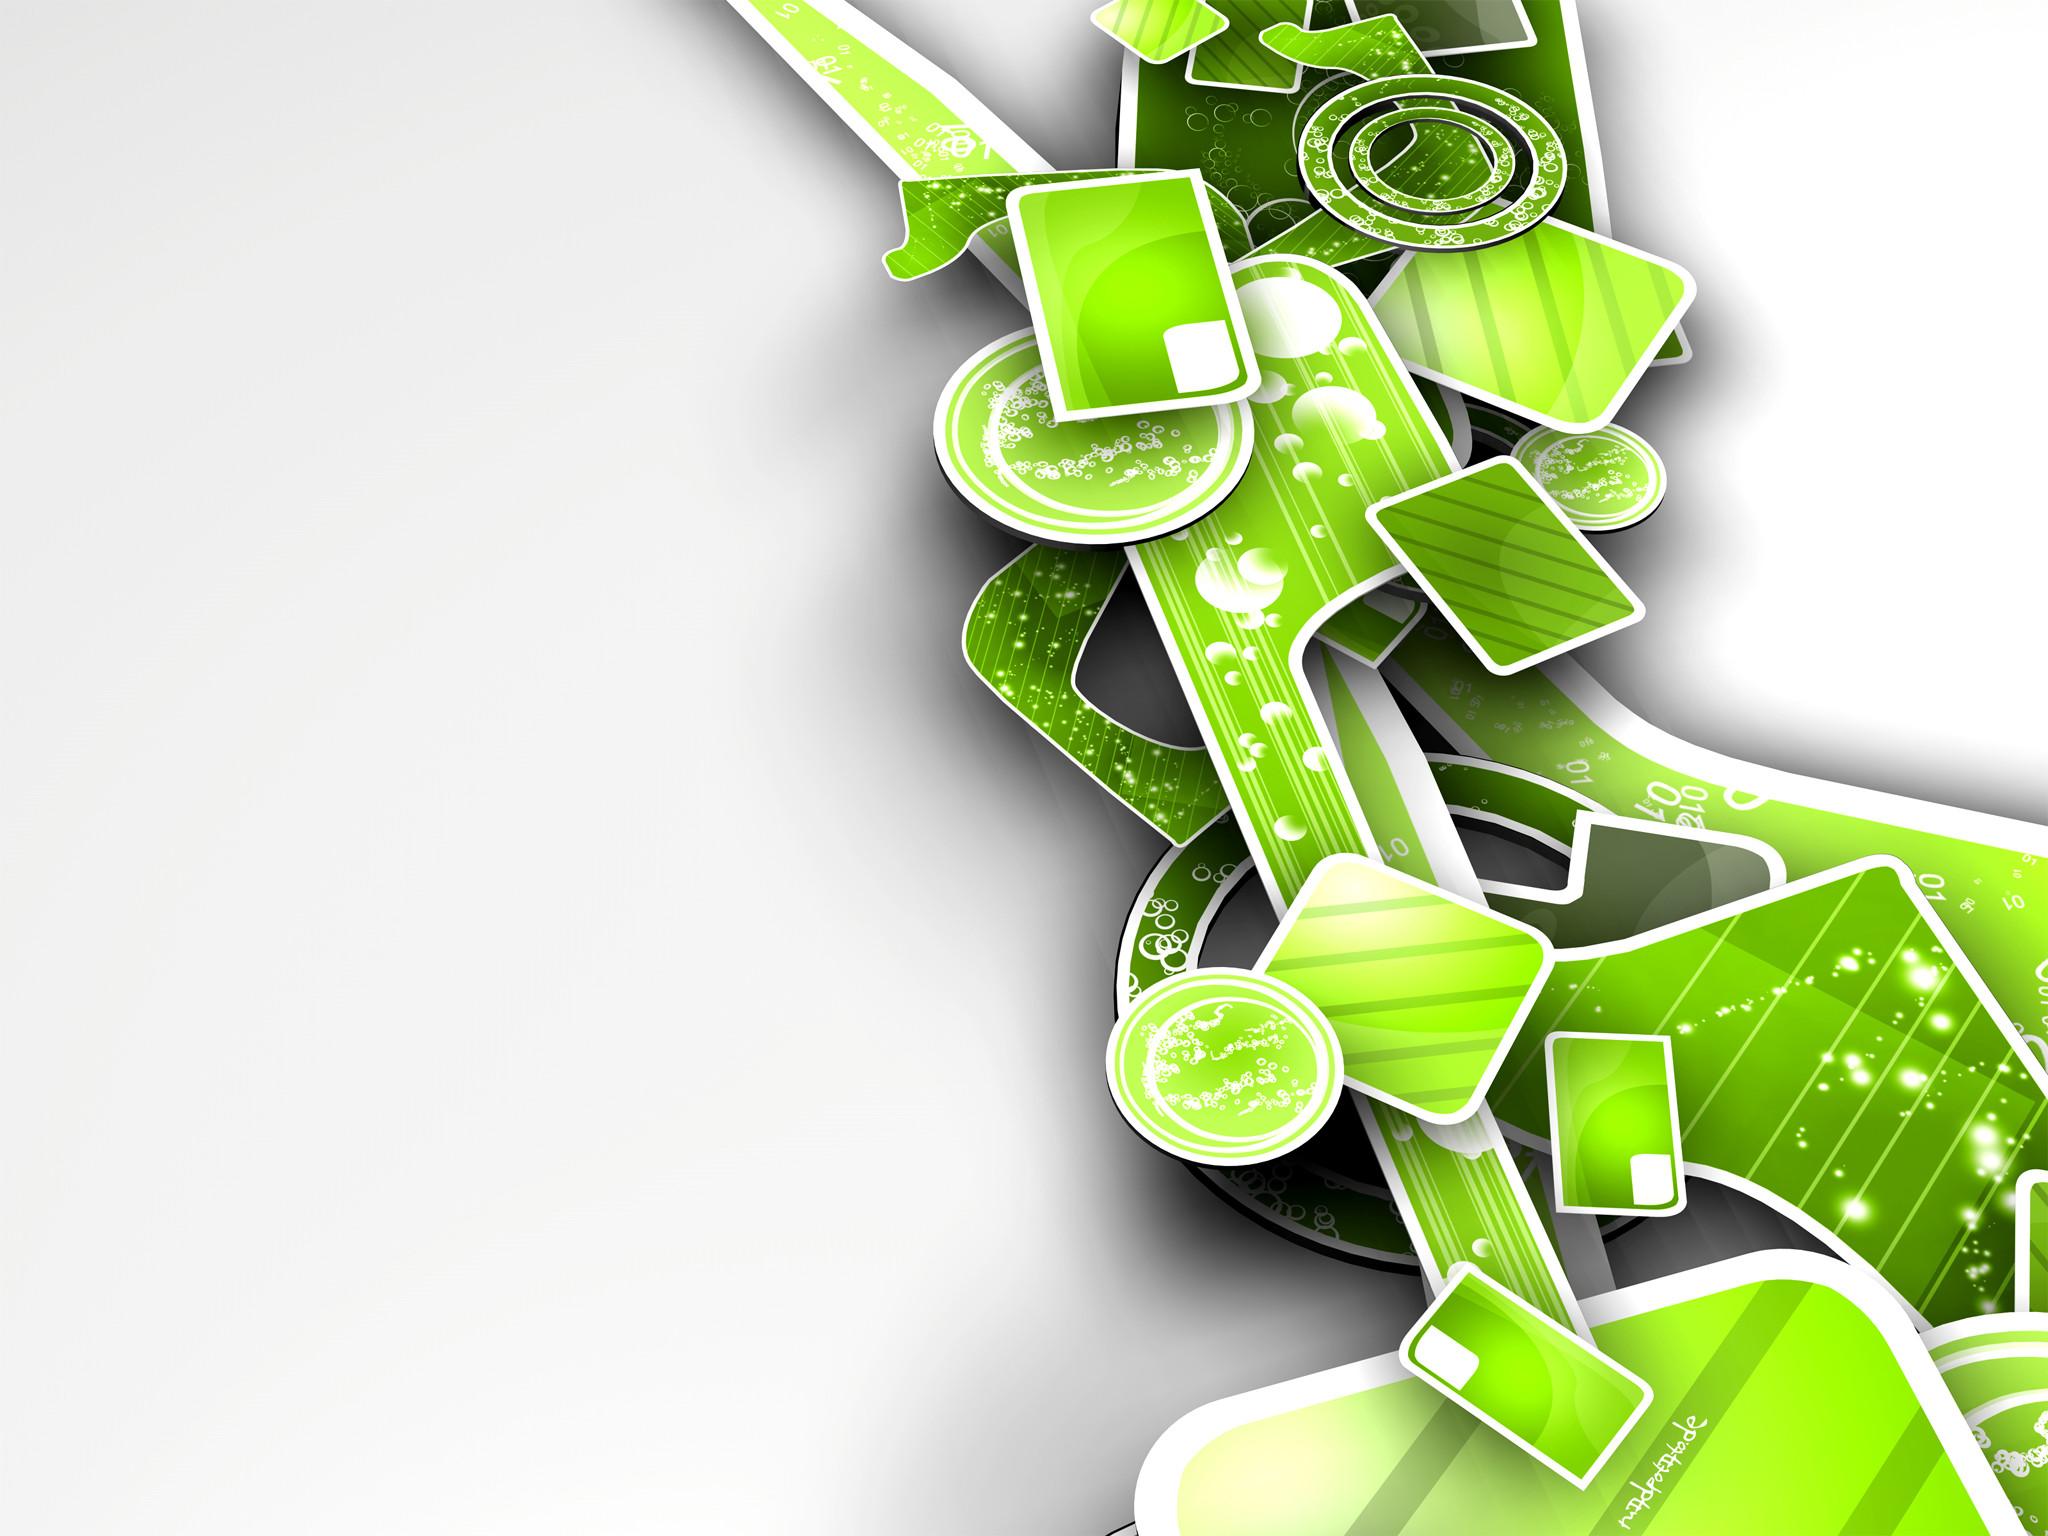 Sfondi locandine 67 immagini for Sfondi desktop 3d